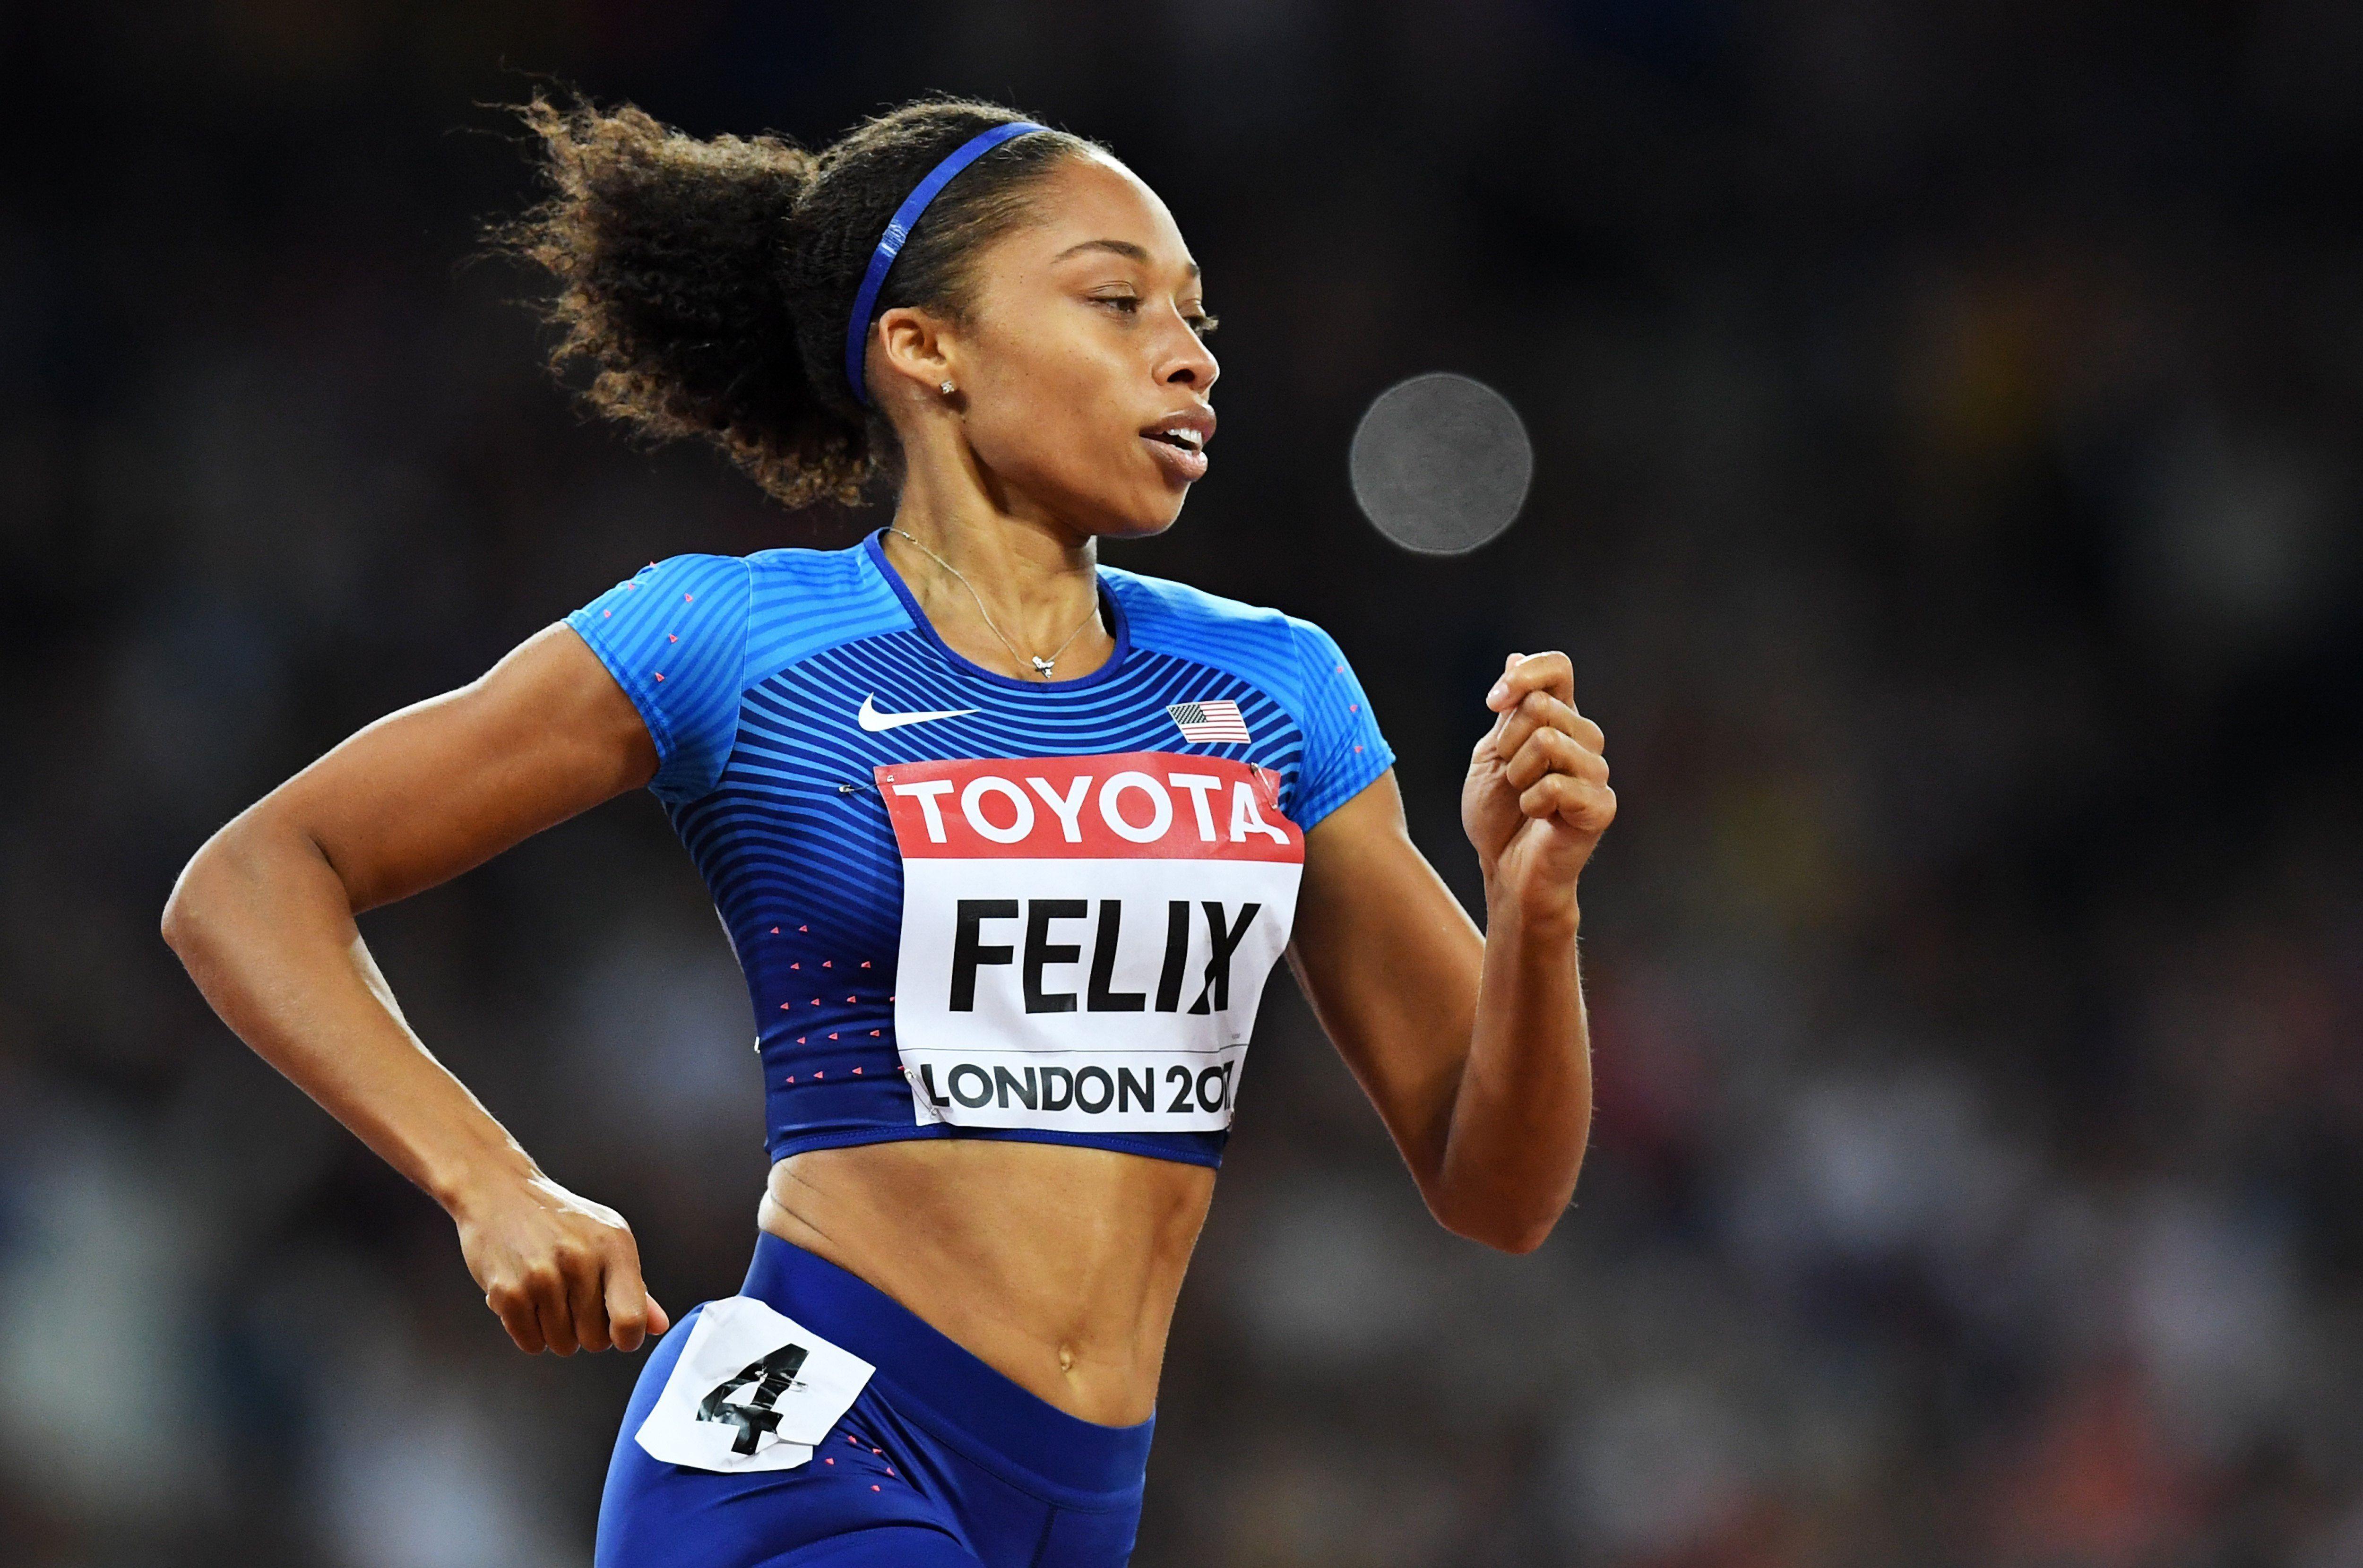 En la imagen, la velocista estadounidense Allyson Felix, la atleta más condecorada en la lista con nueve medallas olímpicas. EFE/Facundo Arrizabalaga/Archivo